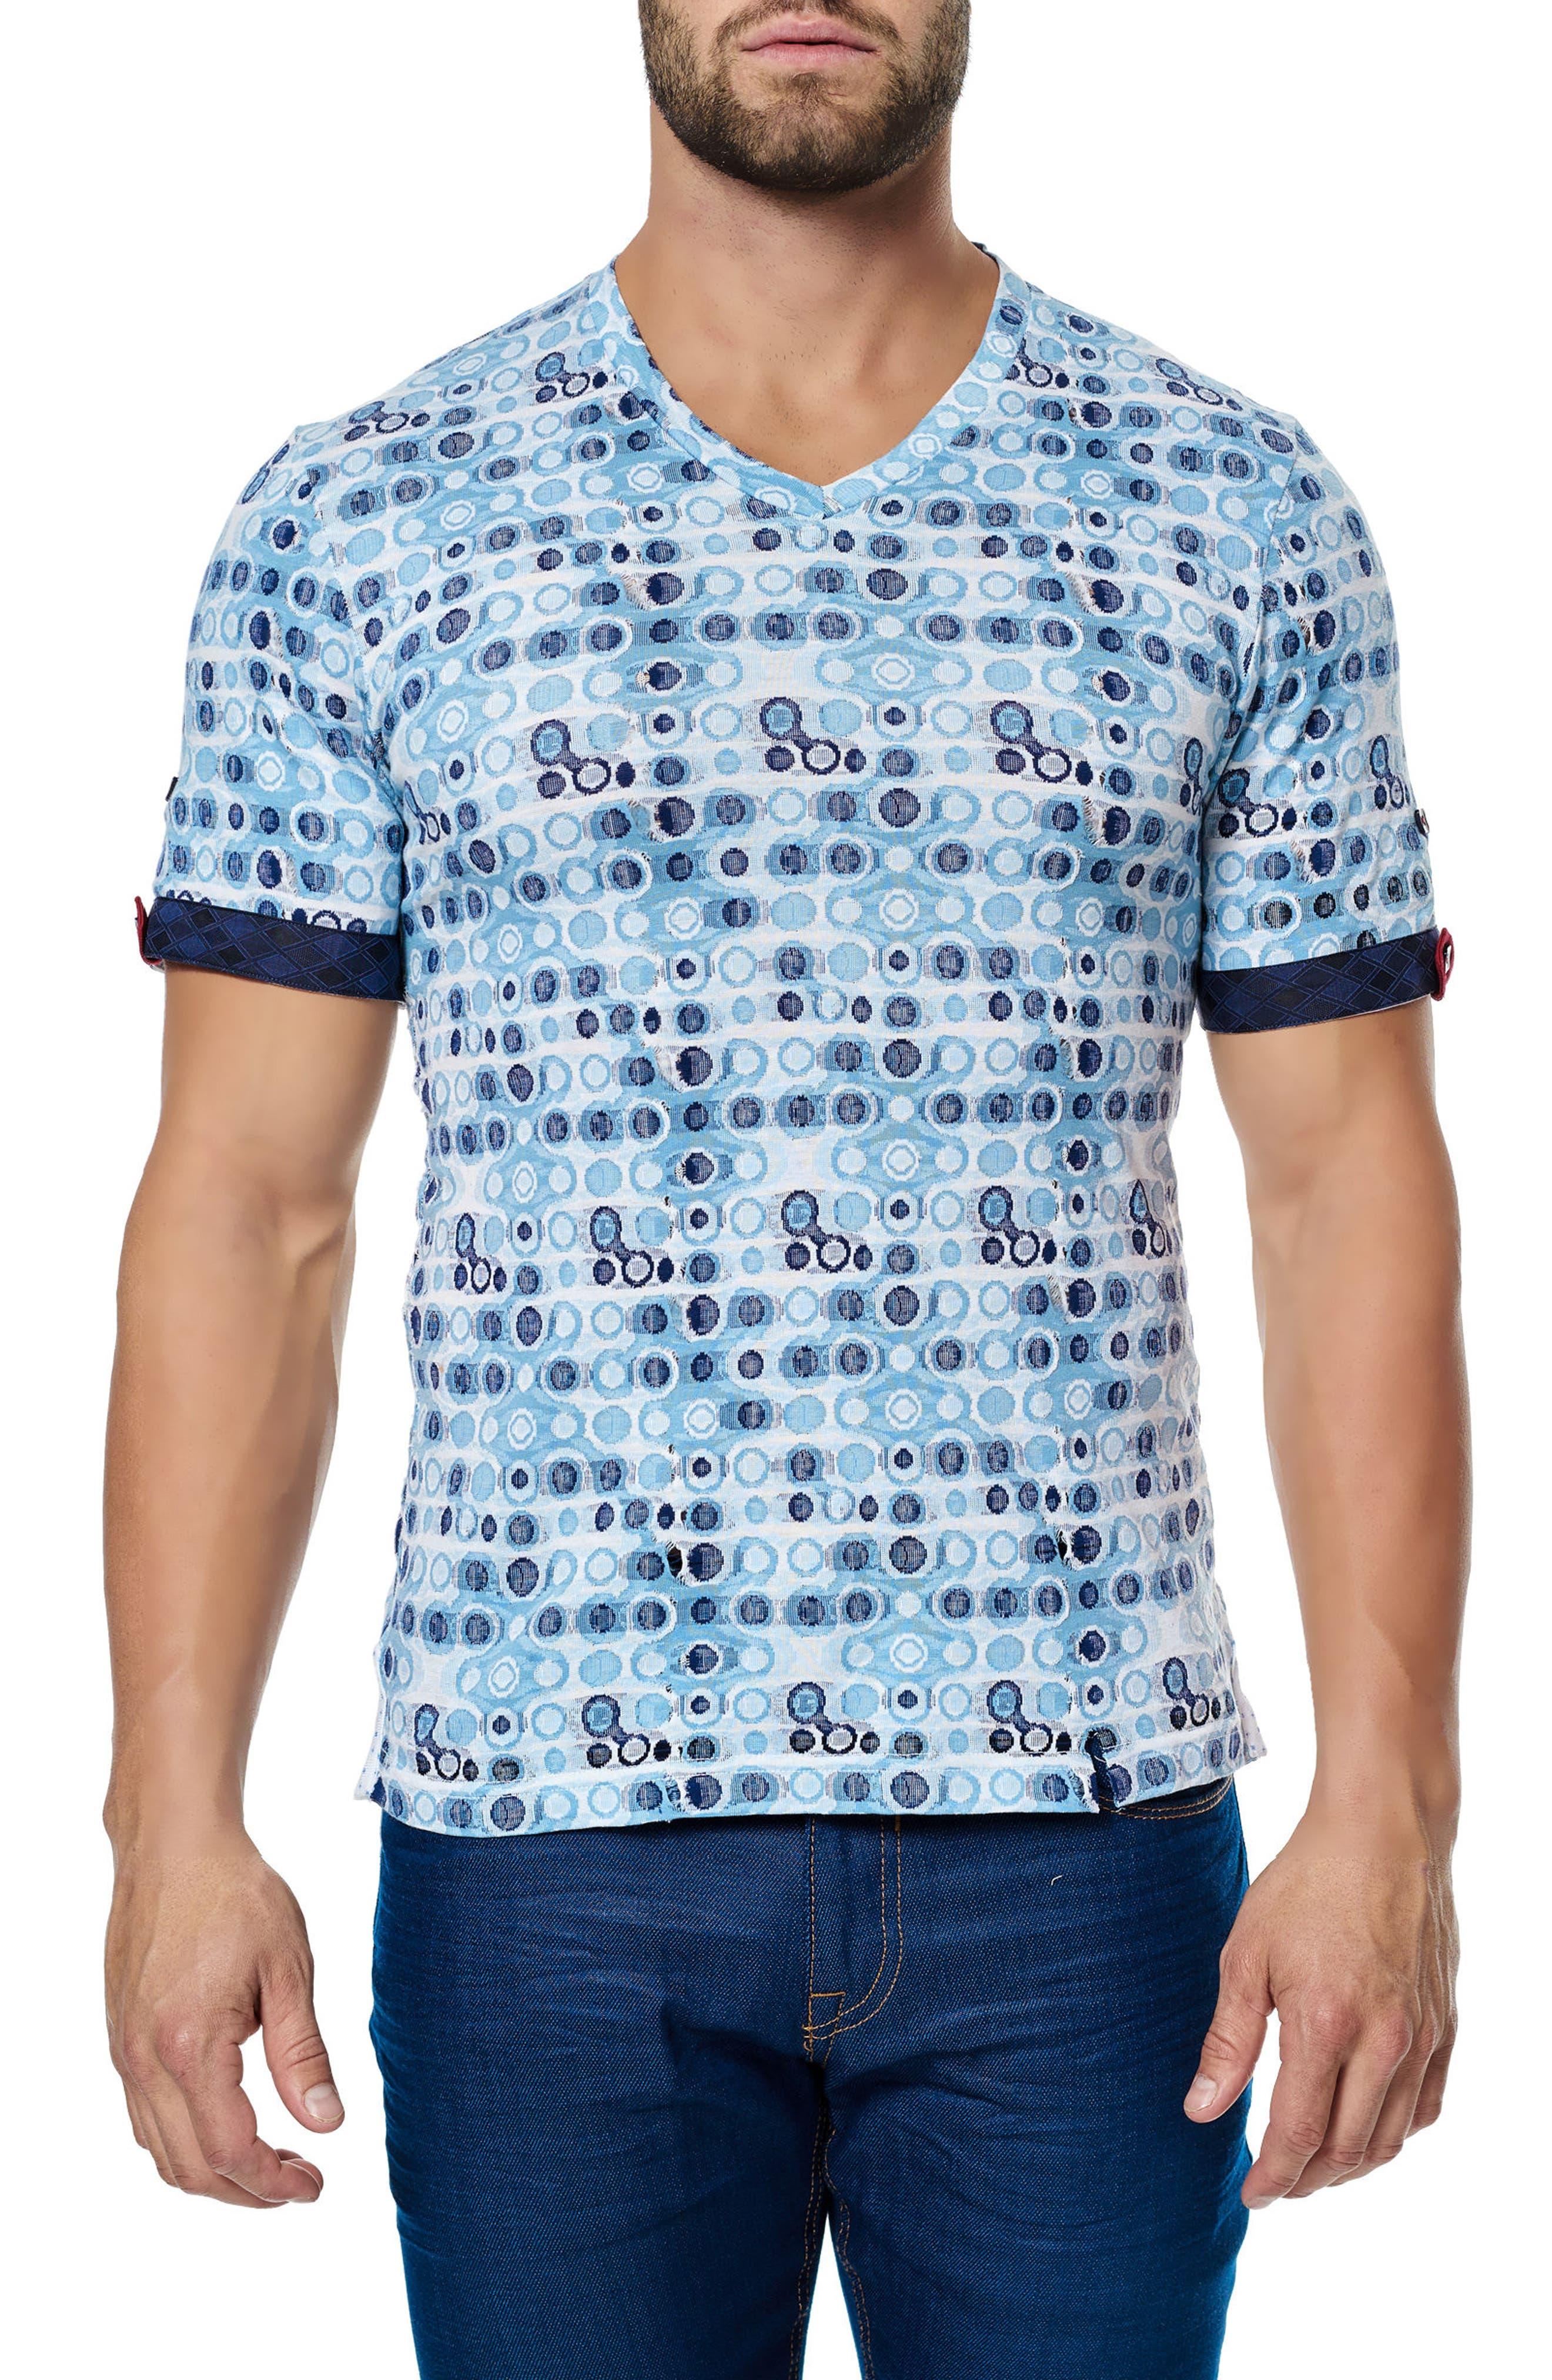 MACEOO Circle Print V-Neck Stretch T-Shirt